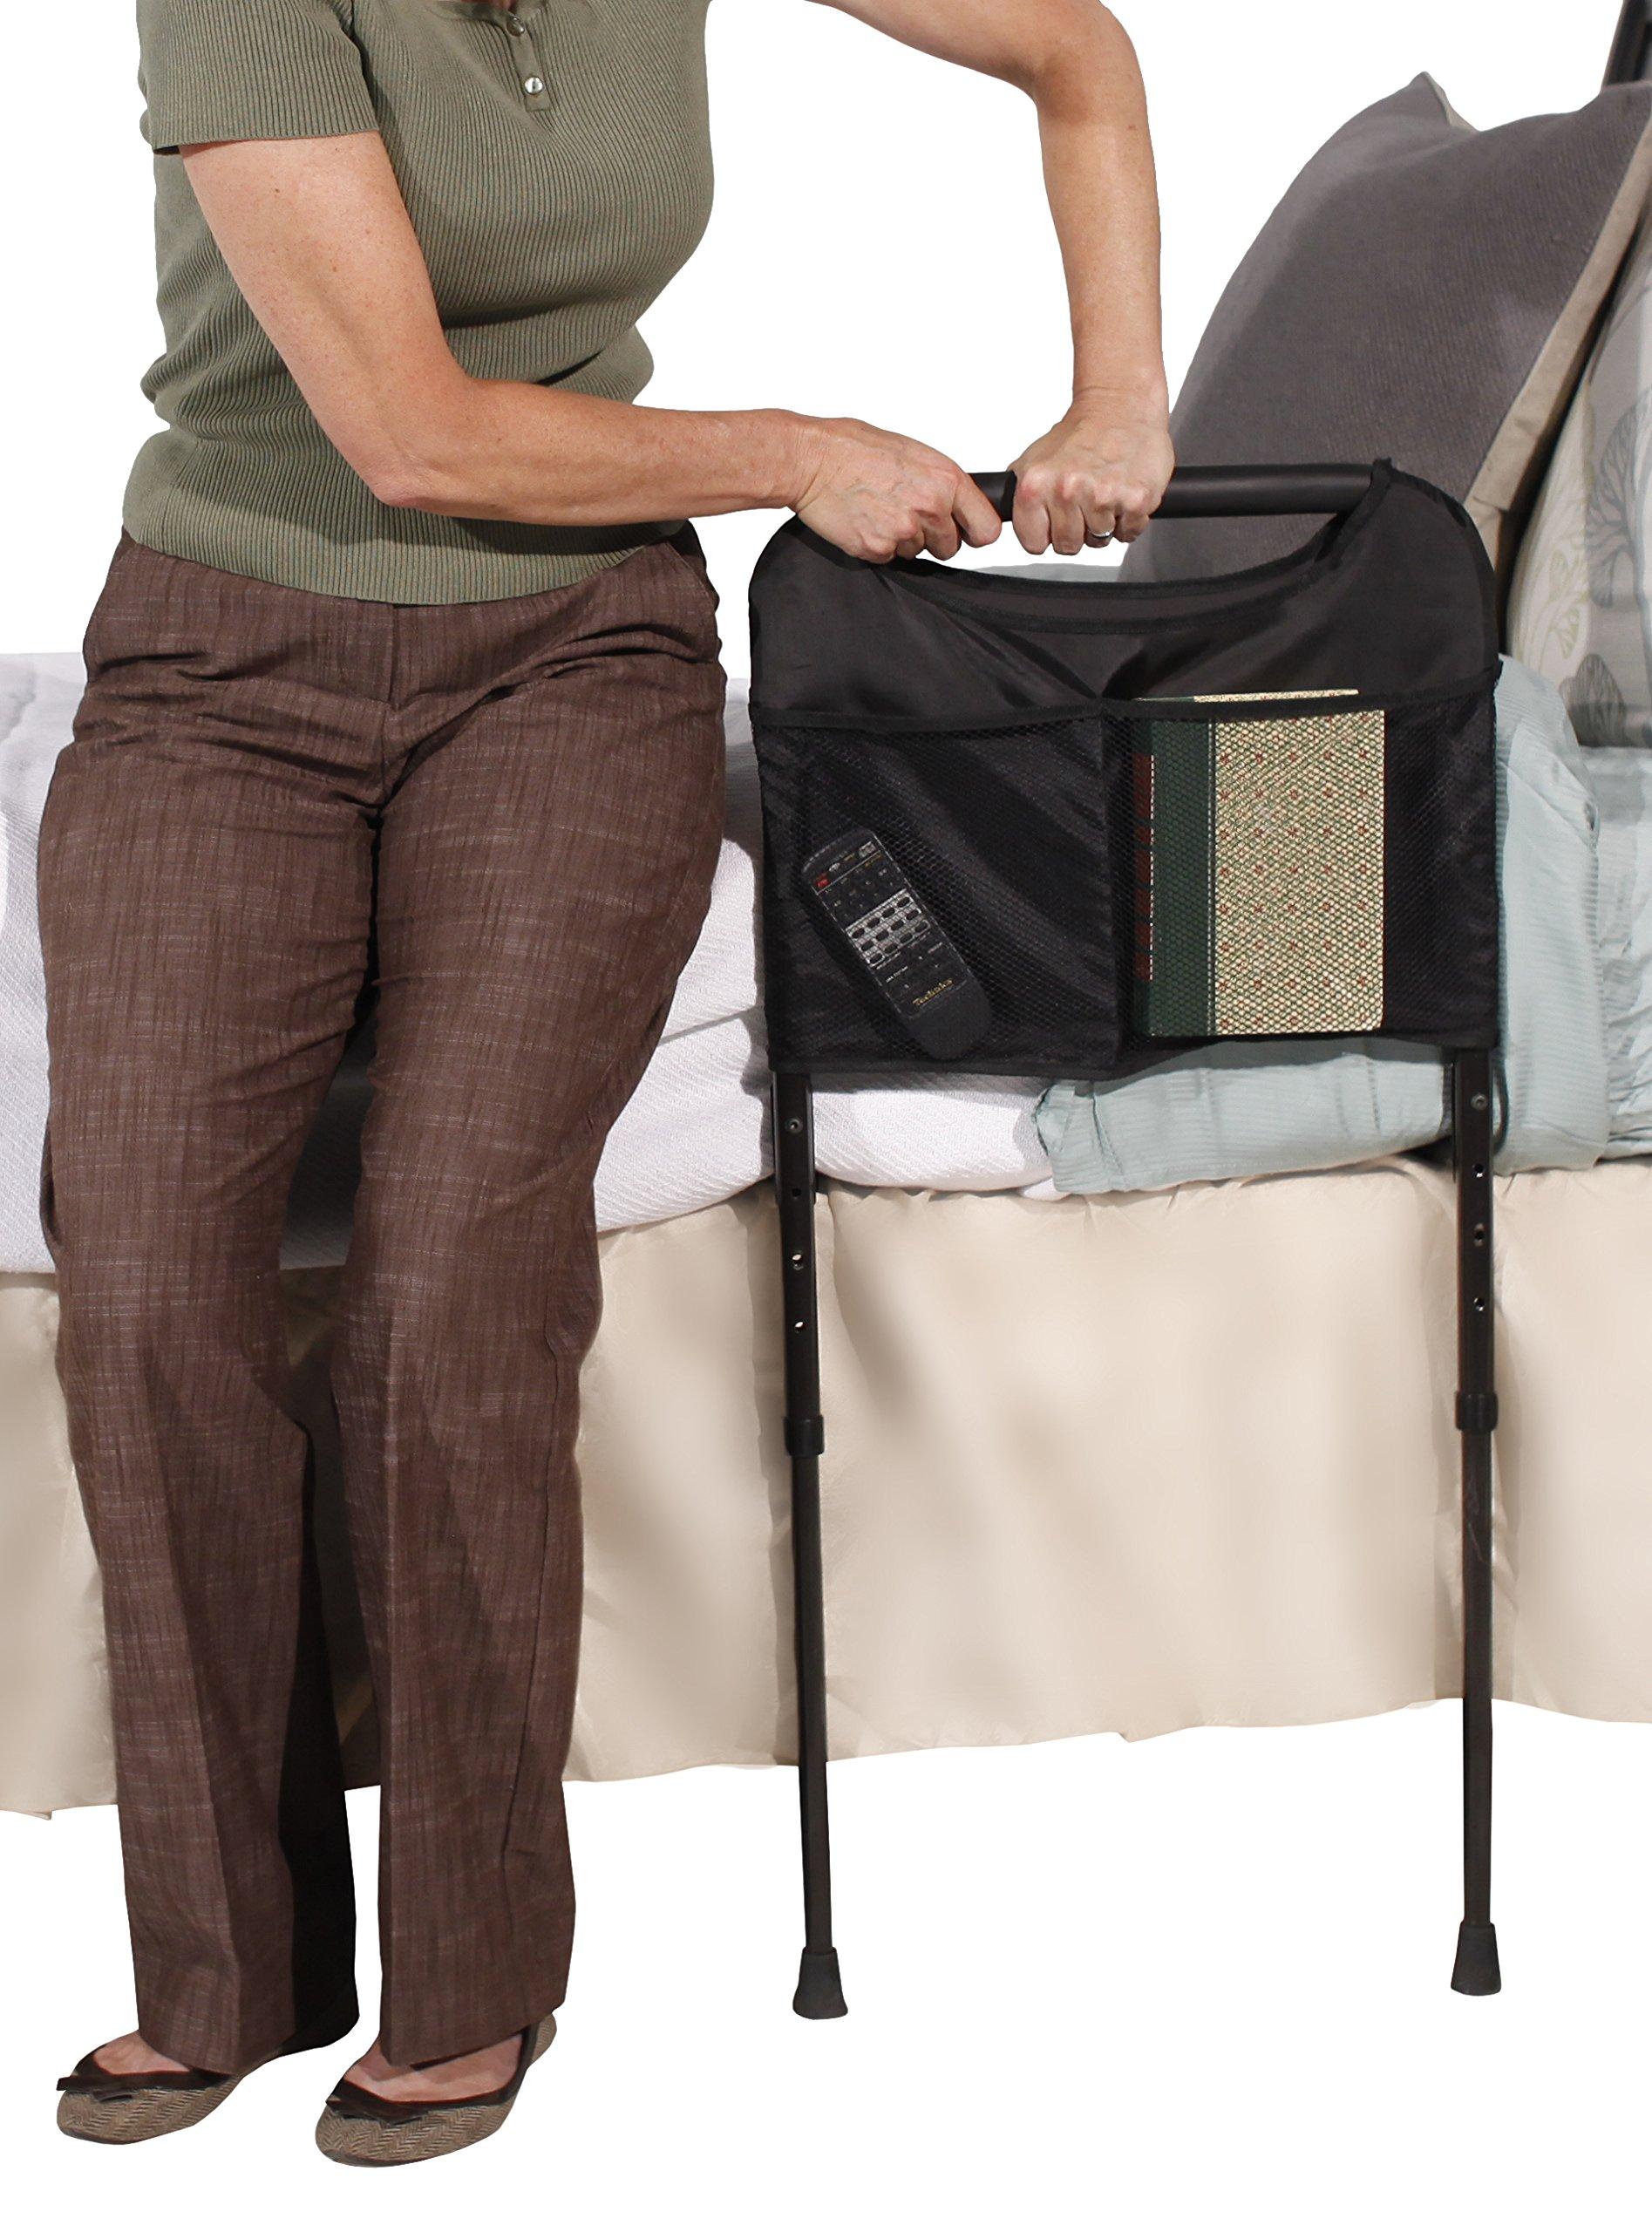 mobility rails and bed handles htm bedding medical for gallery elder assist adjustable bedroom adult rail handle hand elderly